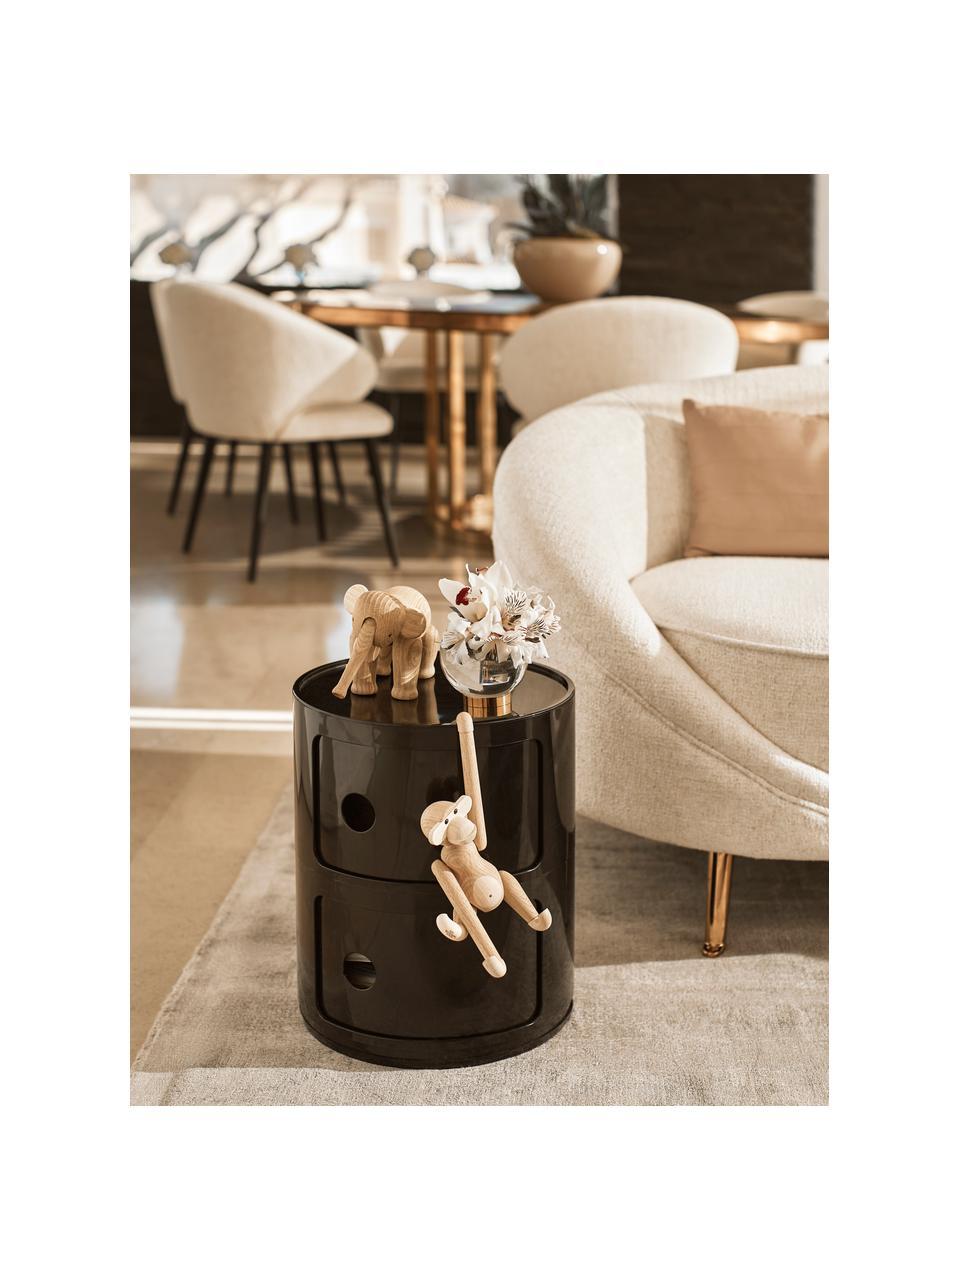 Stolik pomocniczy Componibile, Tworzywo sztuczne (ABS), lakierowane, Czarny, błyszczący, Ø 32 x W 40 cm